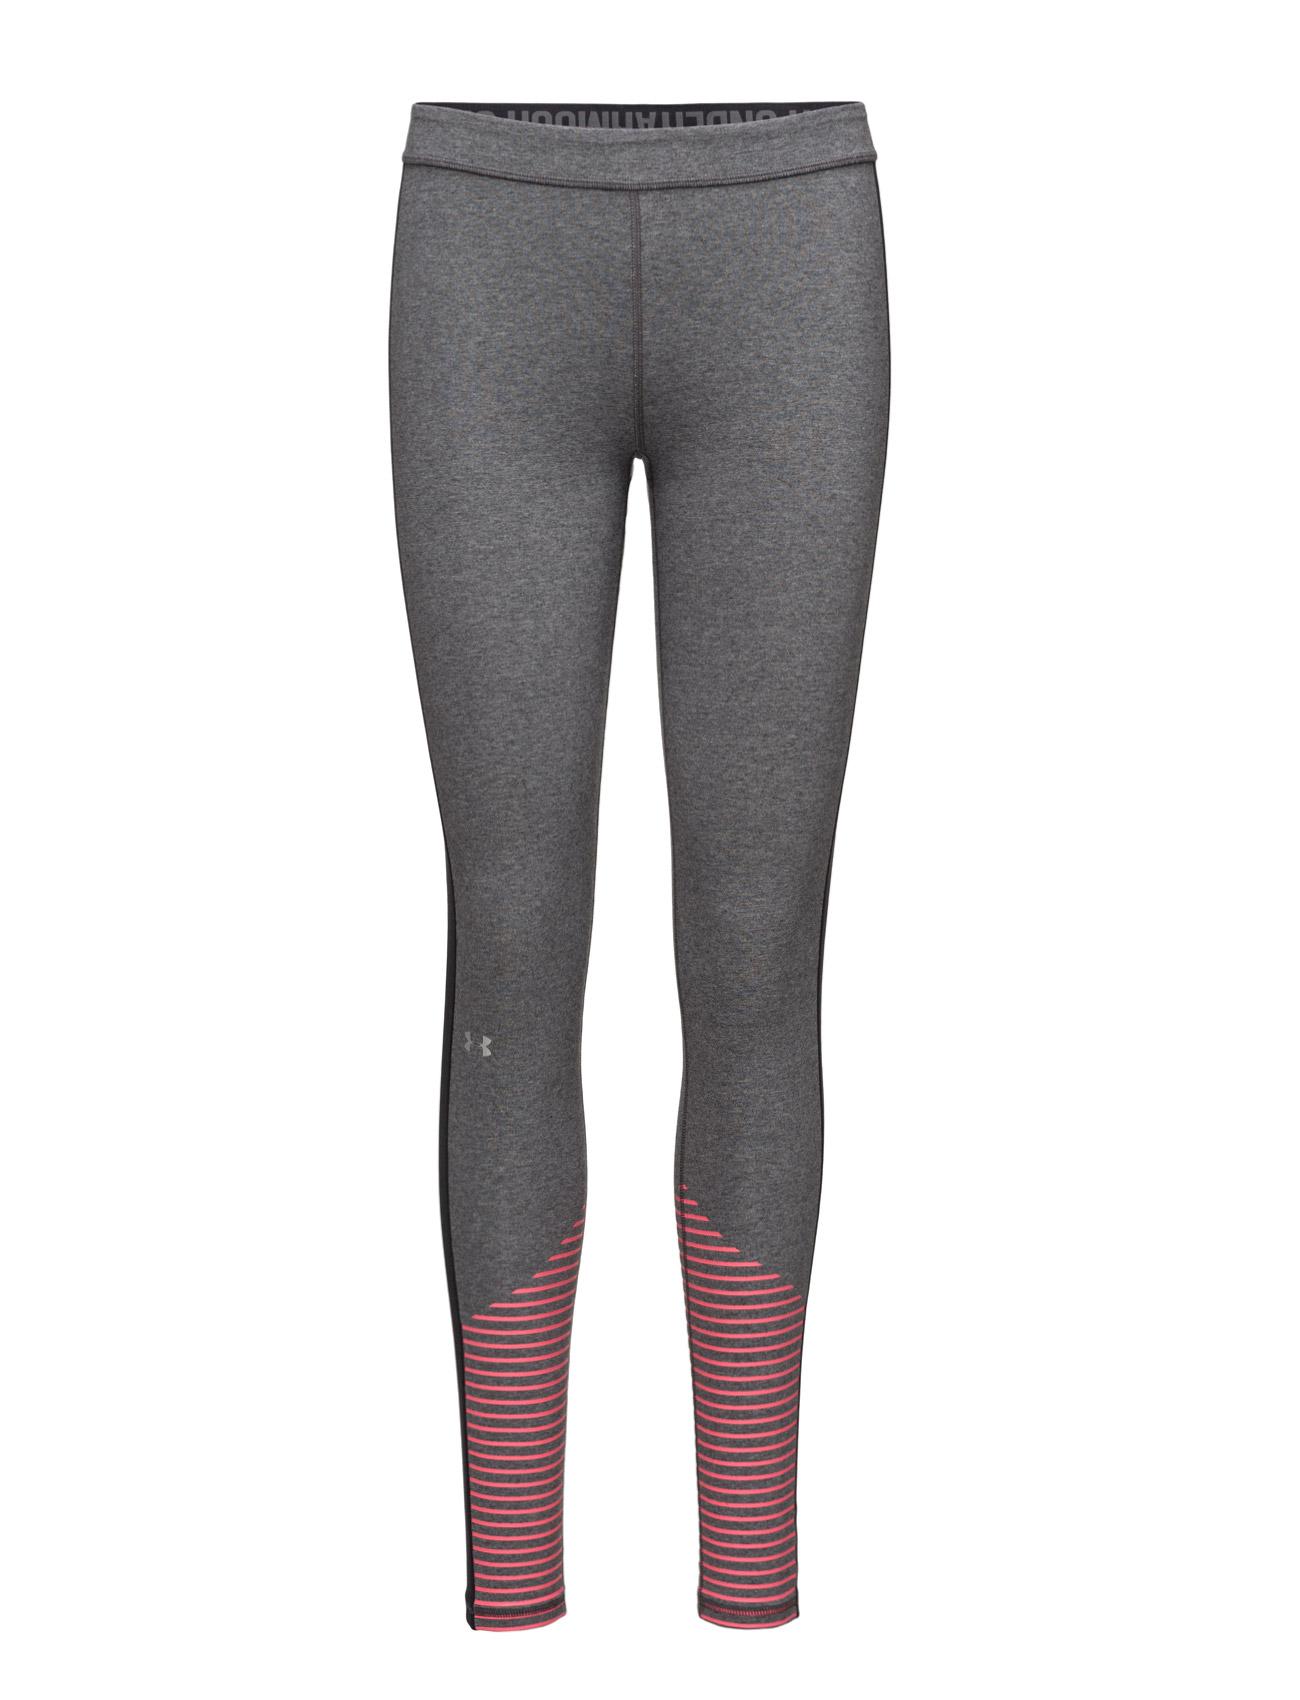 Favorite Legging Under Armour Trænings leggings til Damer i